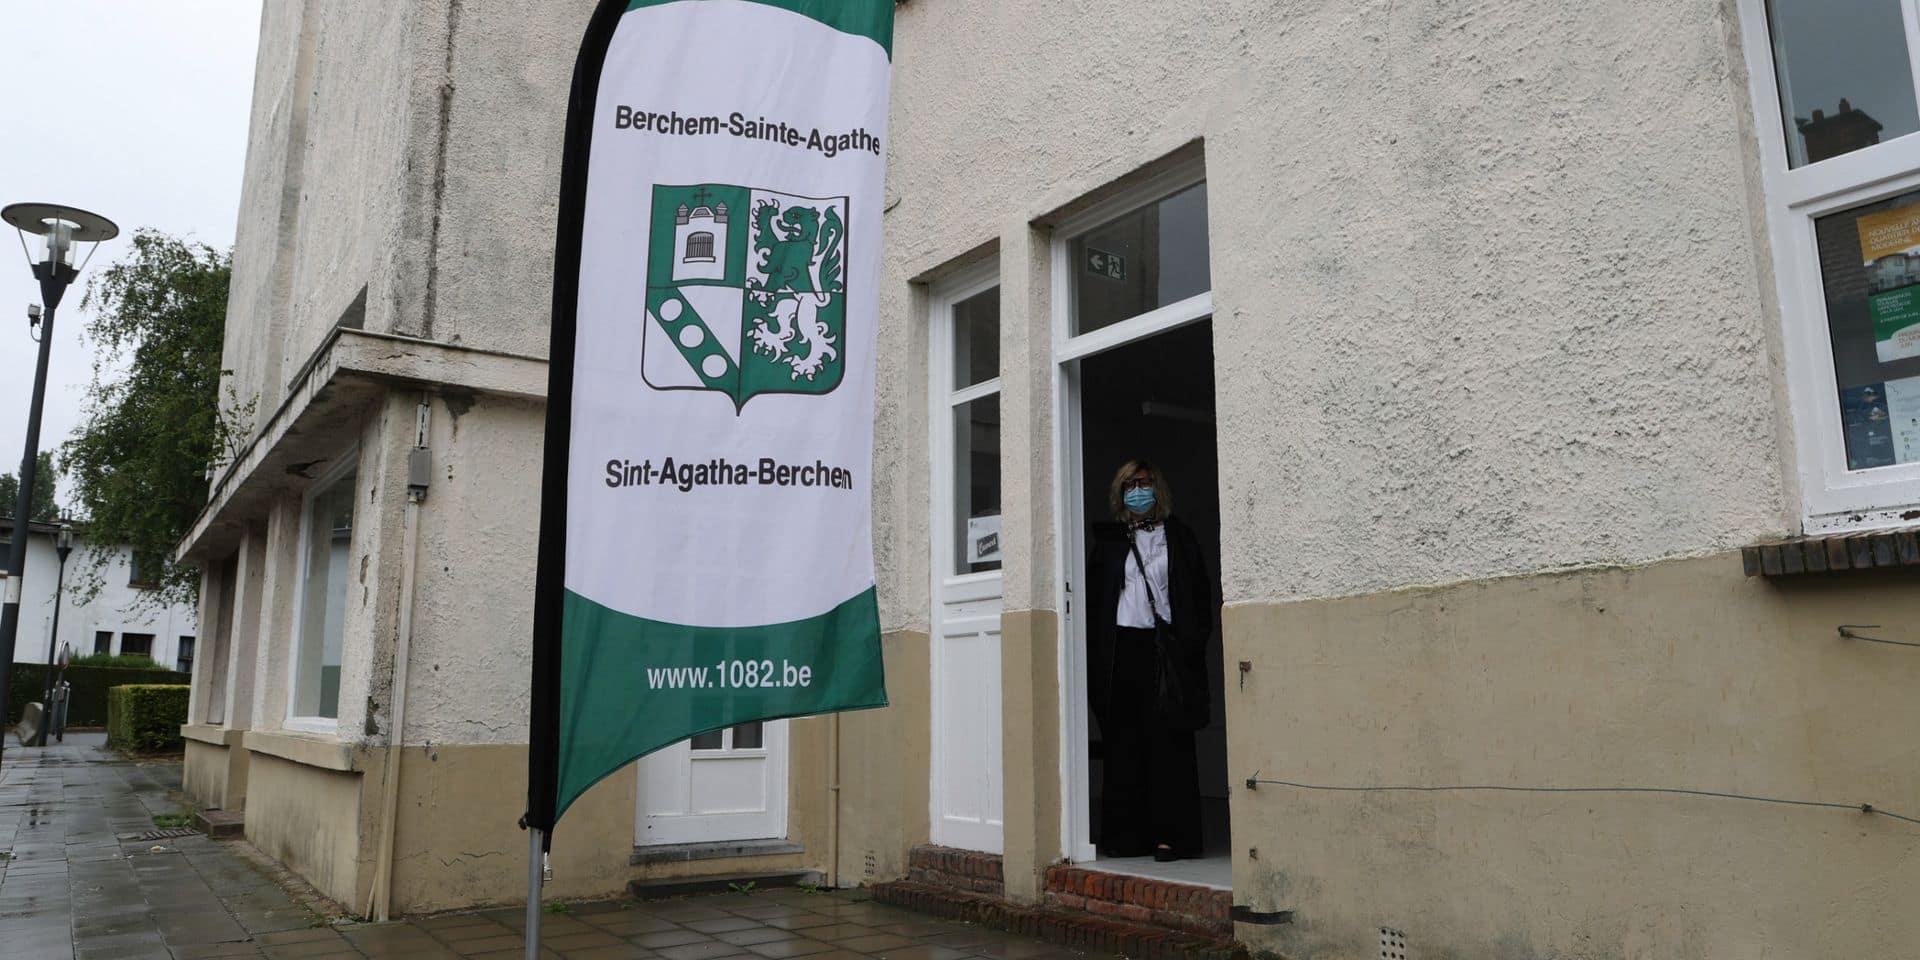 Berchem-Sainte-Agathe : L'antenne communale de quartier est ouverte à la Cité Moderne